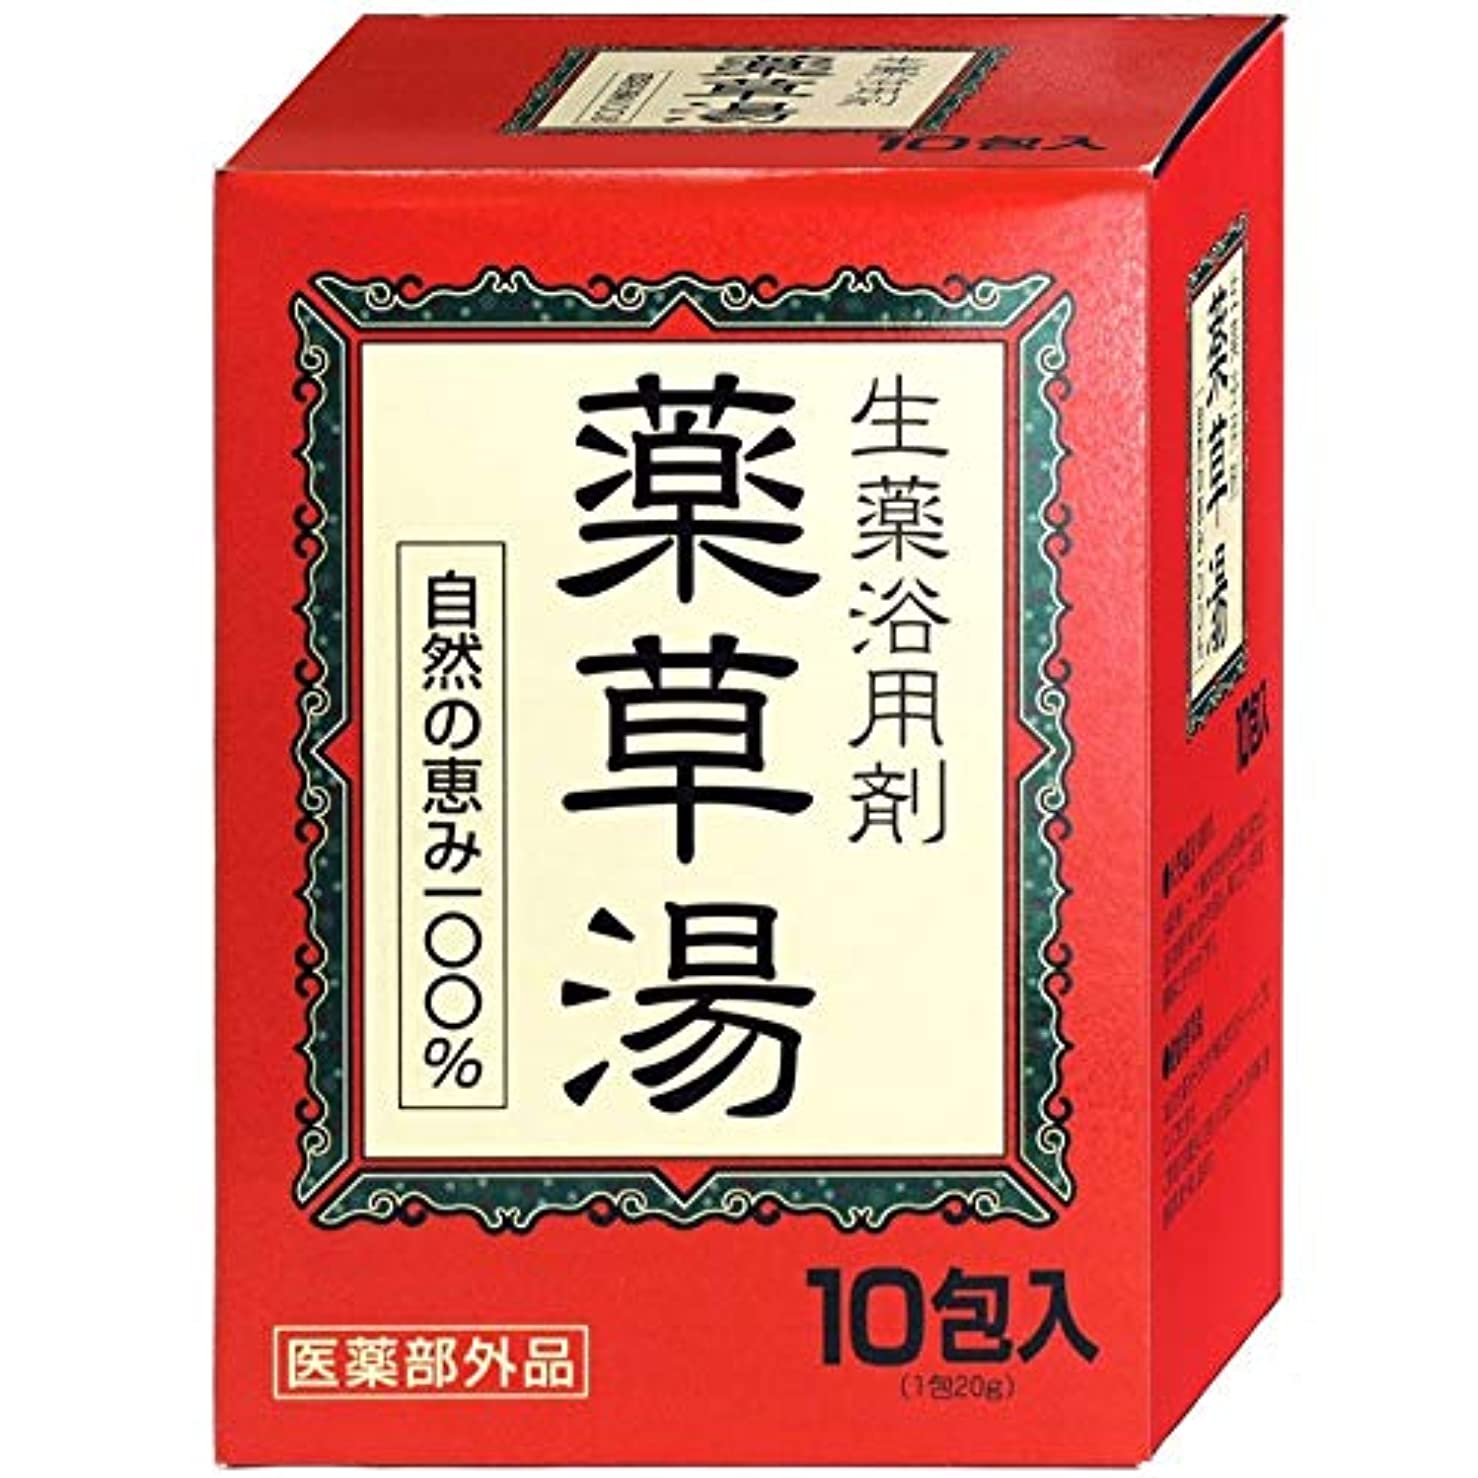 タイヤ翻訳者採用するVVN生薬入浴剤薬草湯10包×(10セット)